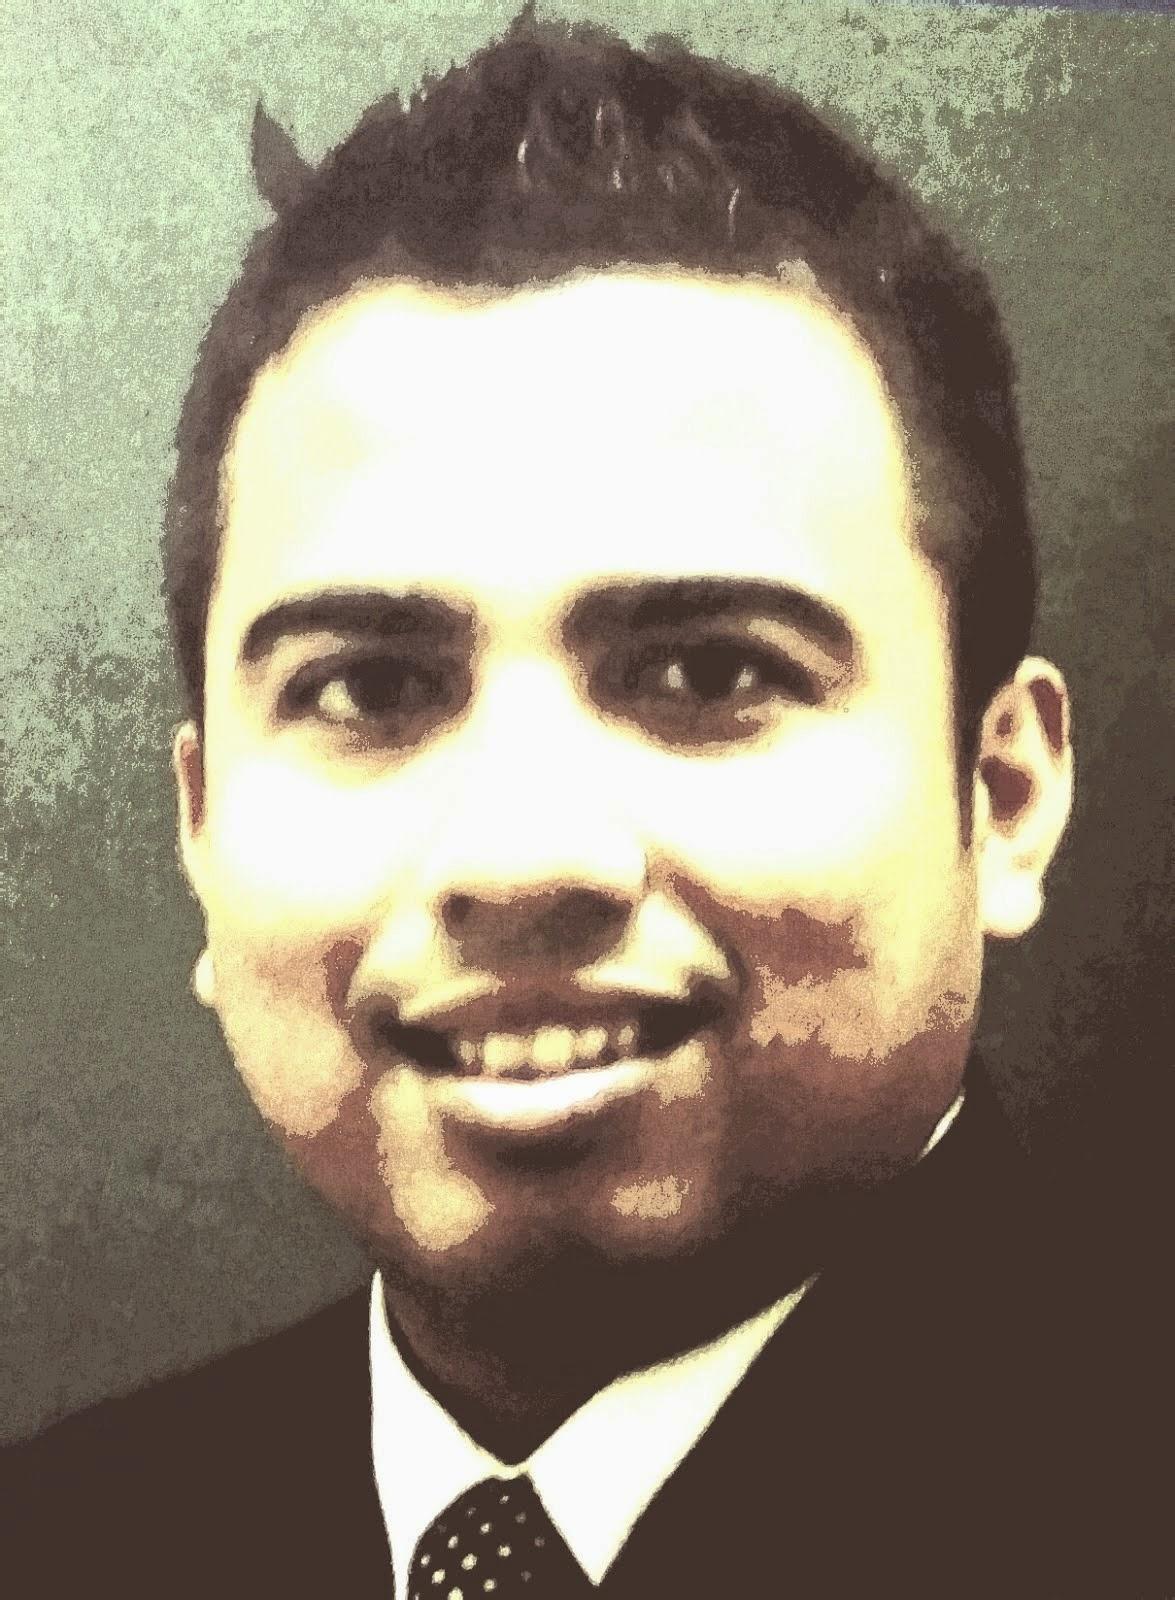 Muhammad Annas b. Baharudin